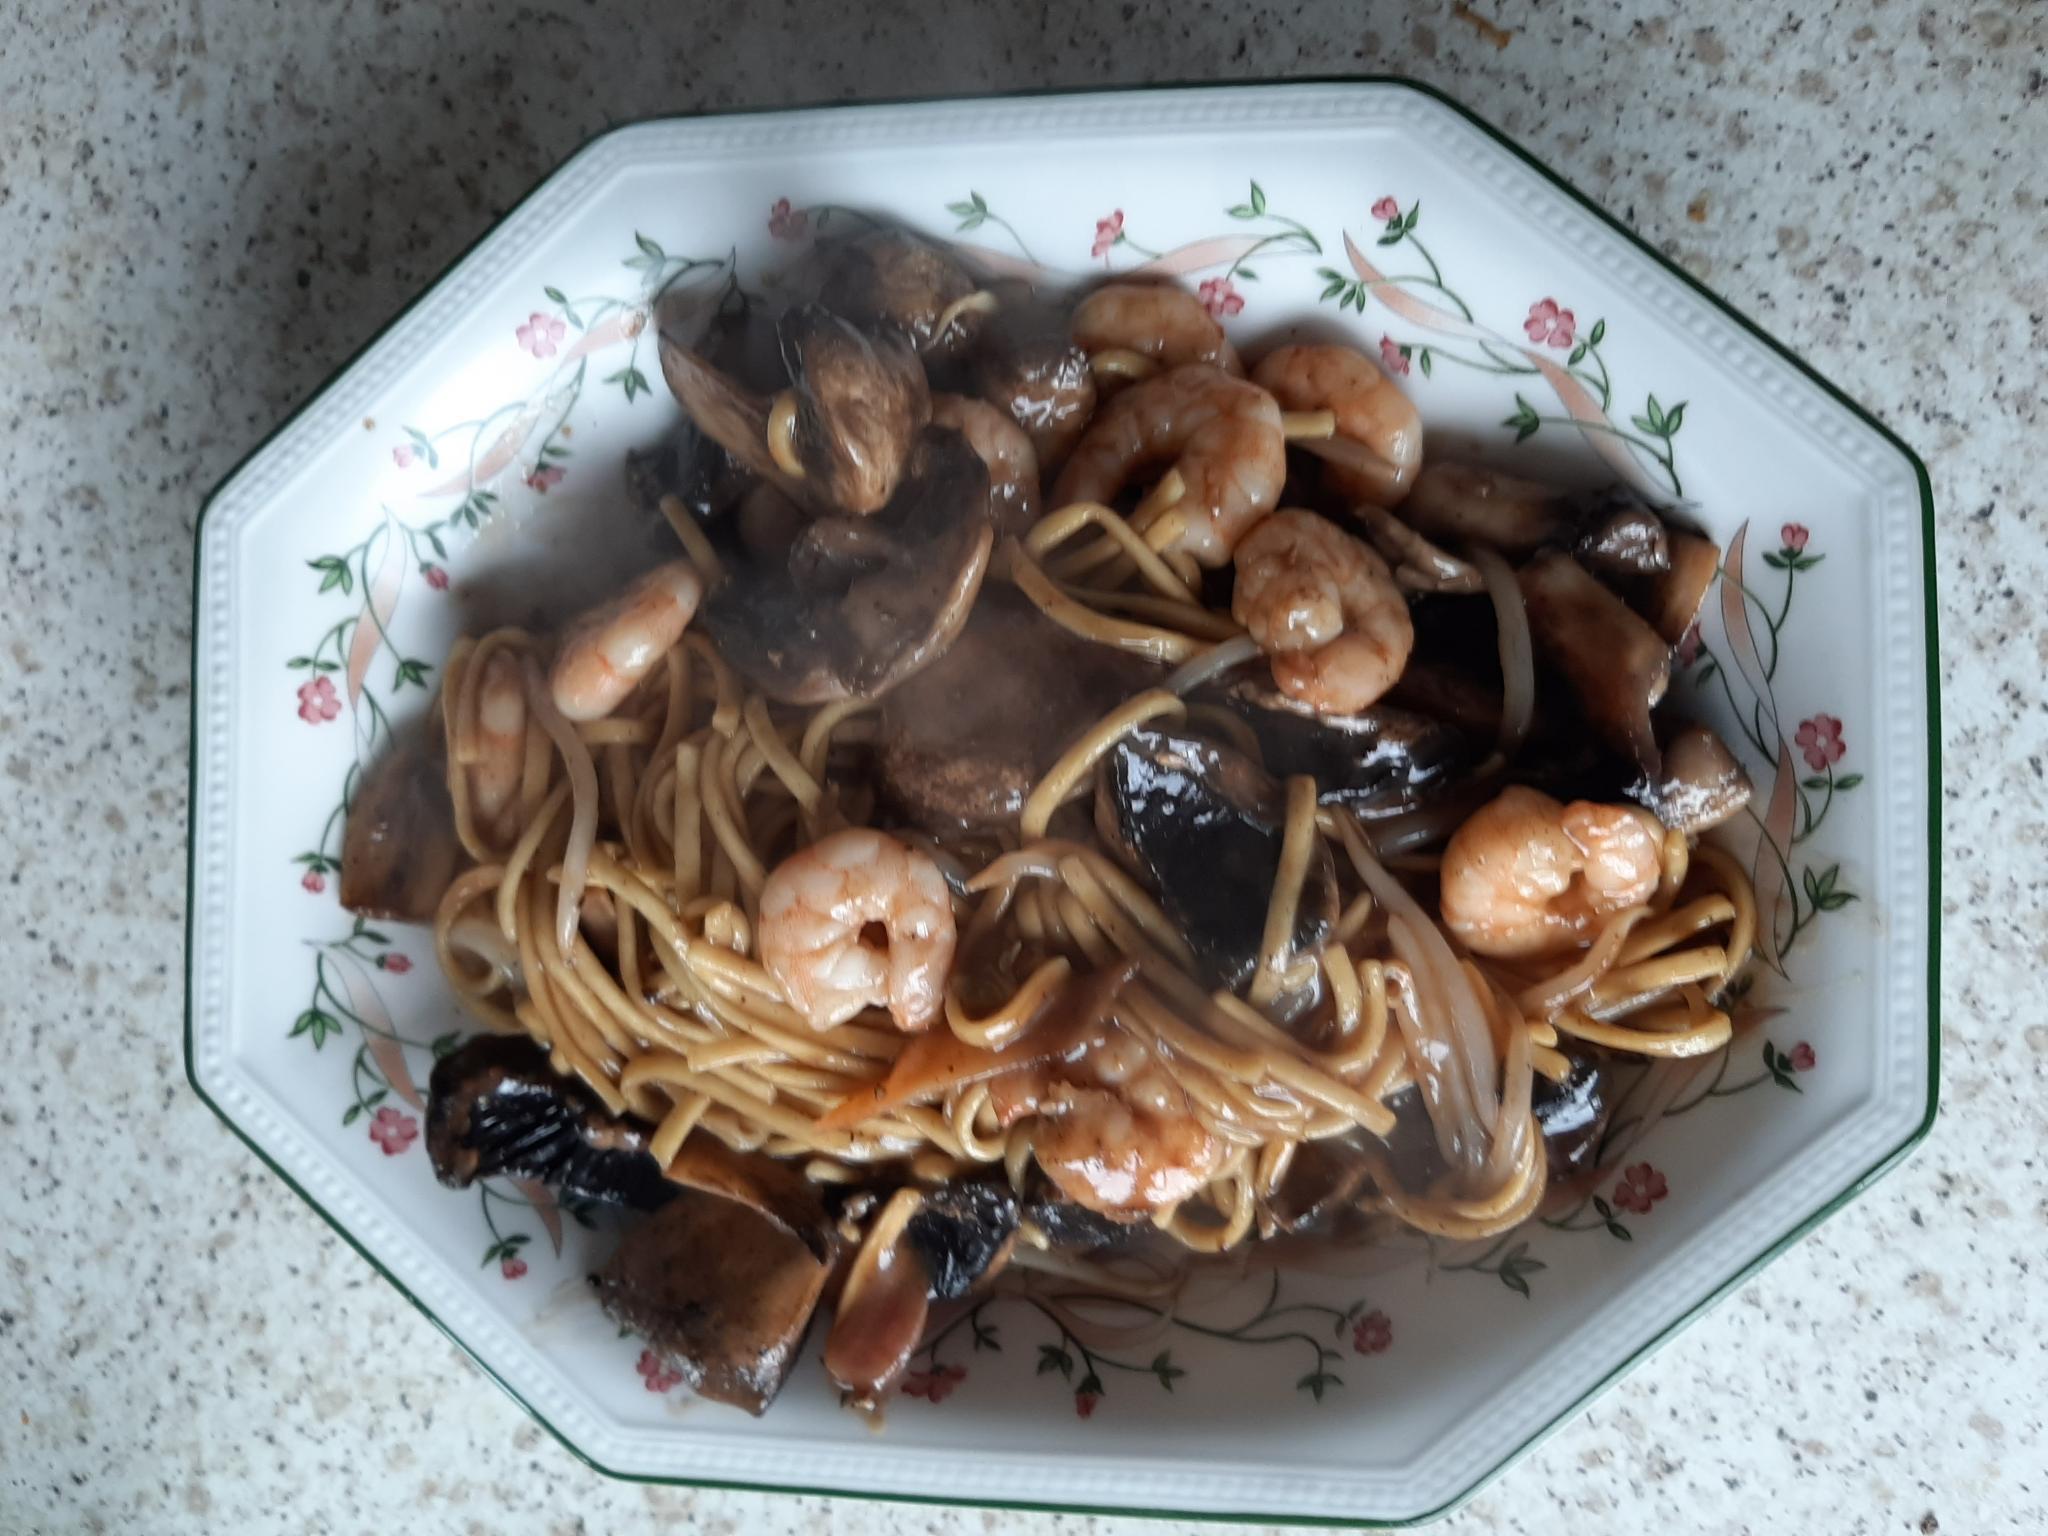 Prawn Hoisin & Plum Egg Noodles With Side Salad-20200610_173645-jpg